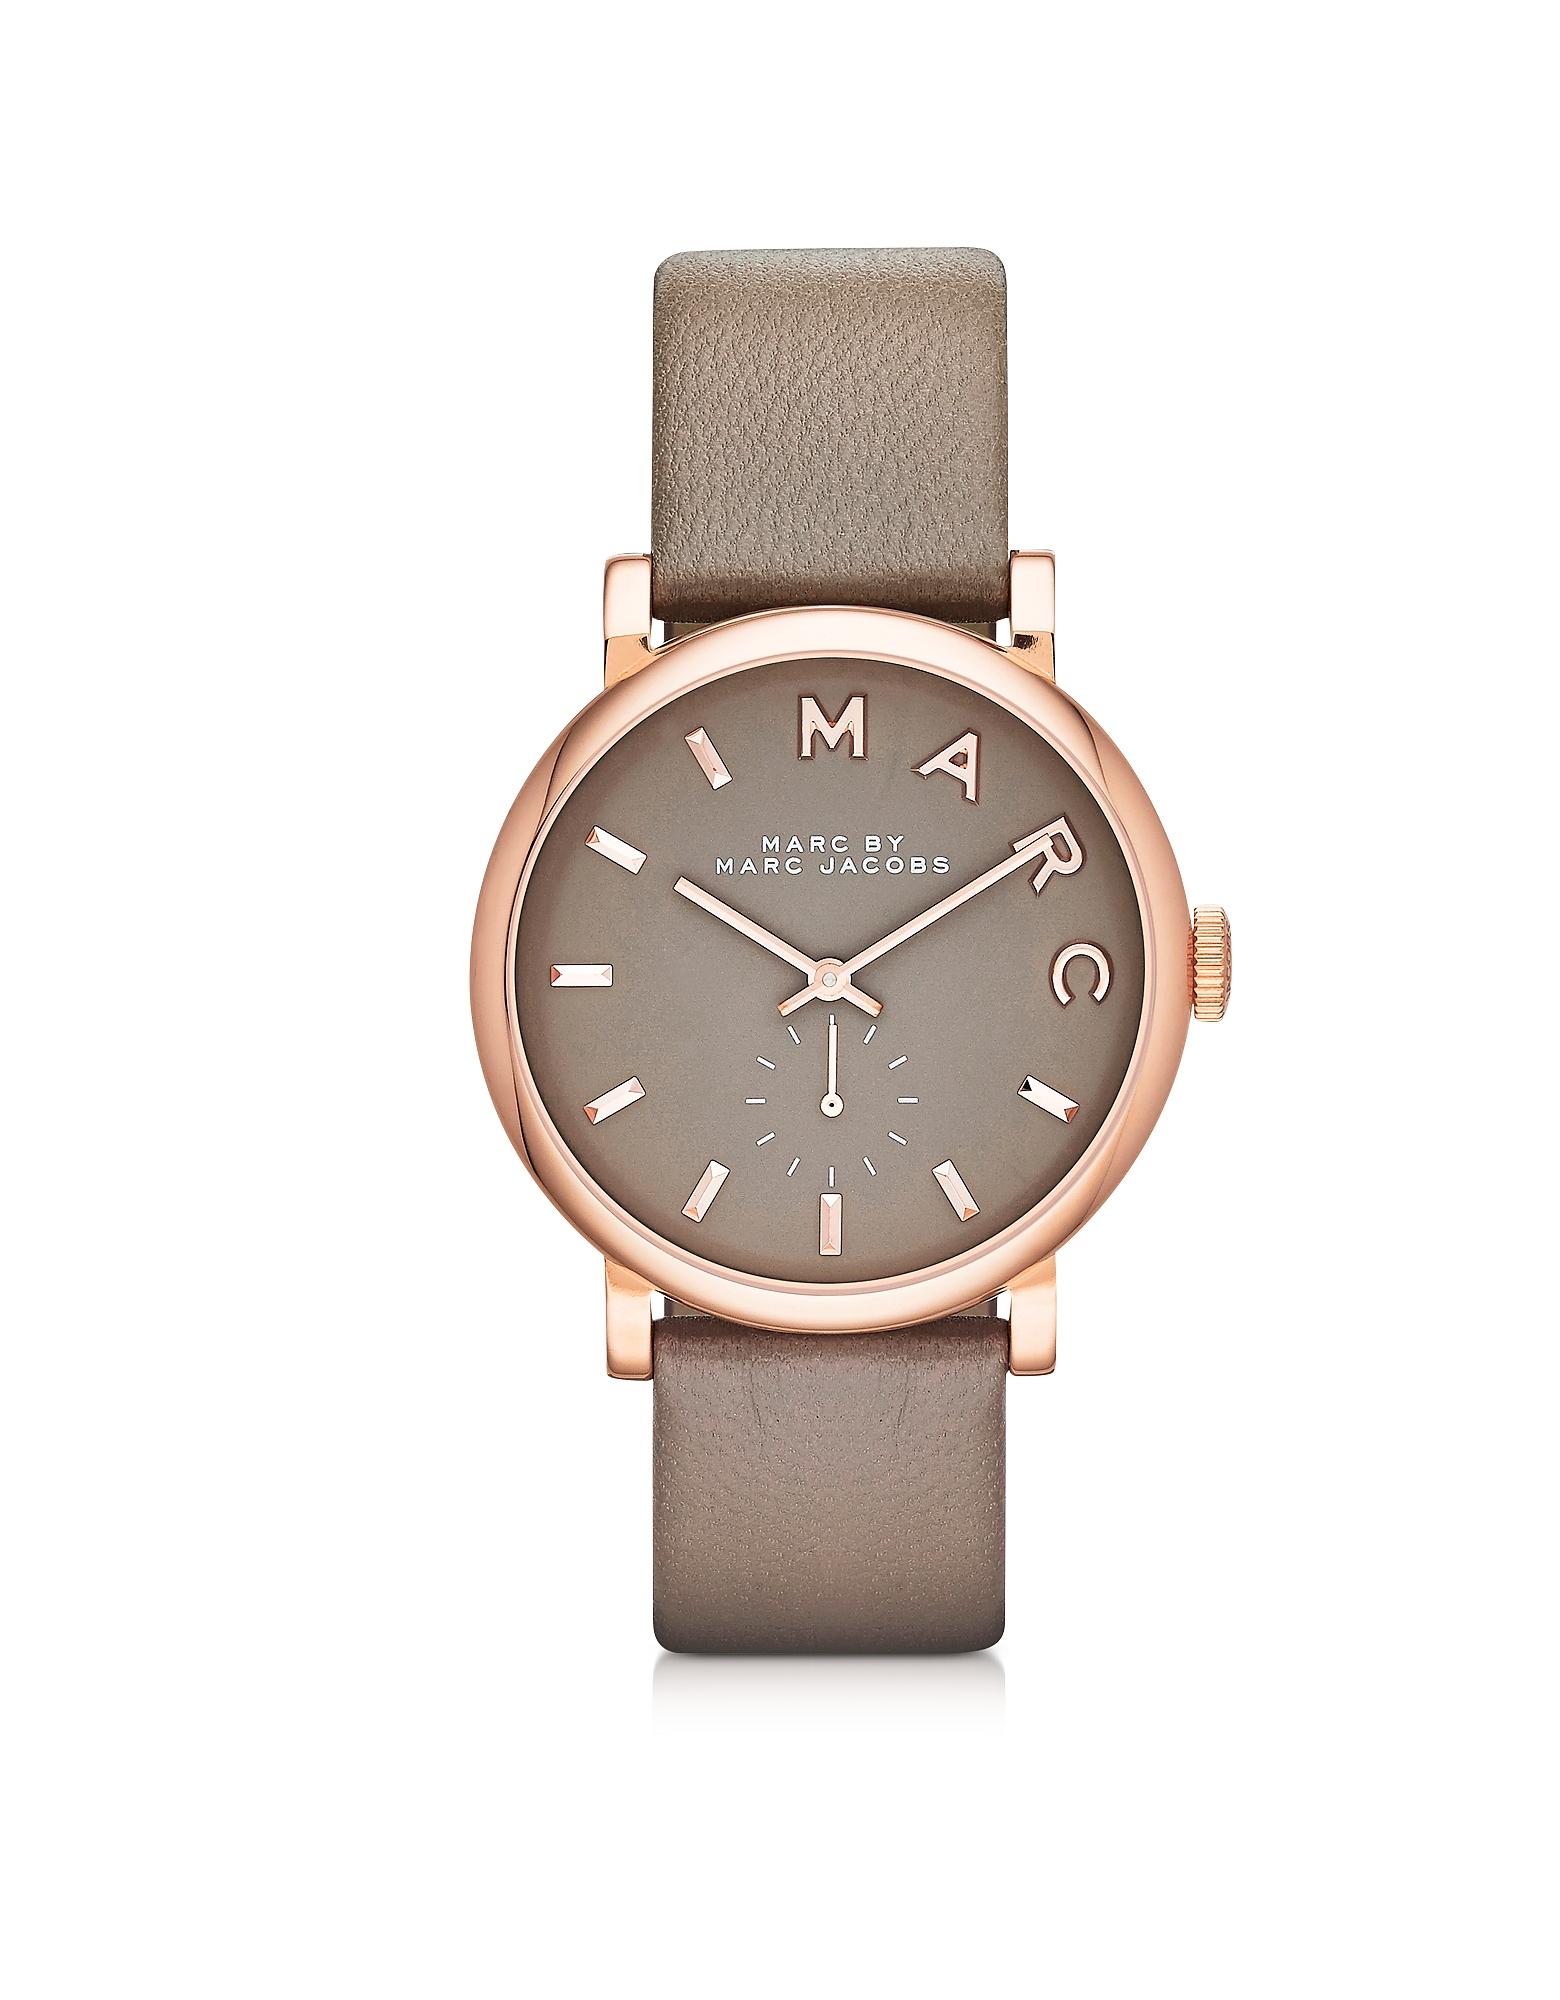 Baker 36 MM - Женские Часы из Нержавеющей Стали Оттенка Розового Золота с Серым Кожаным Ремешком